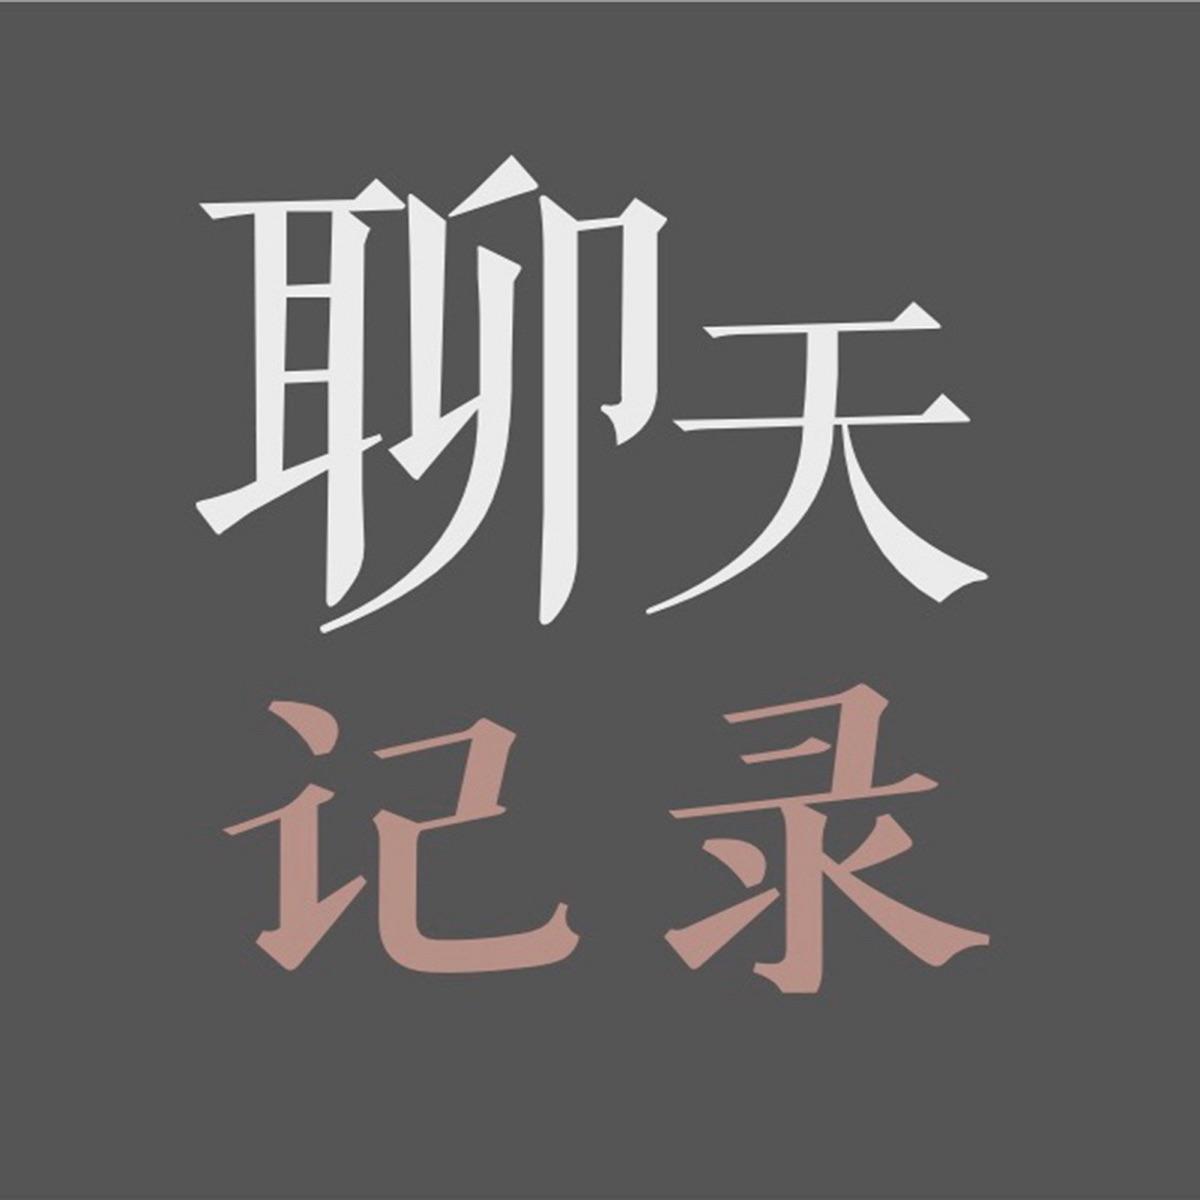 聊天记录 GroupChat